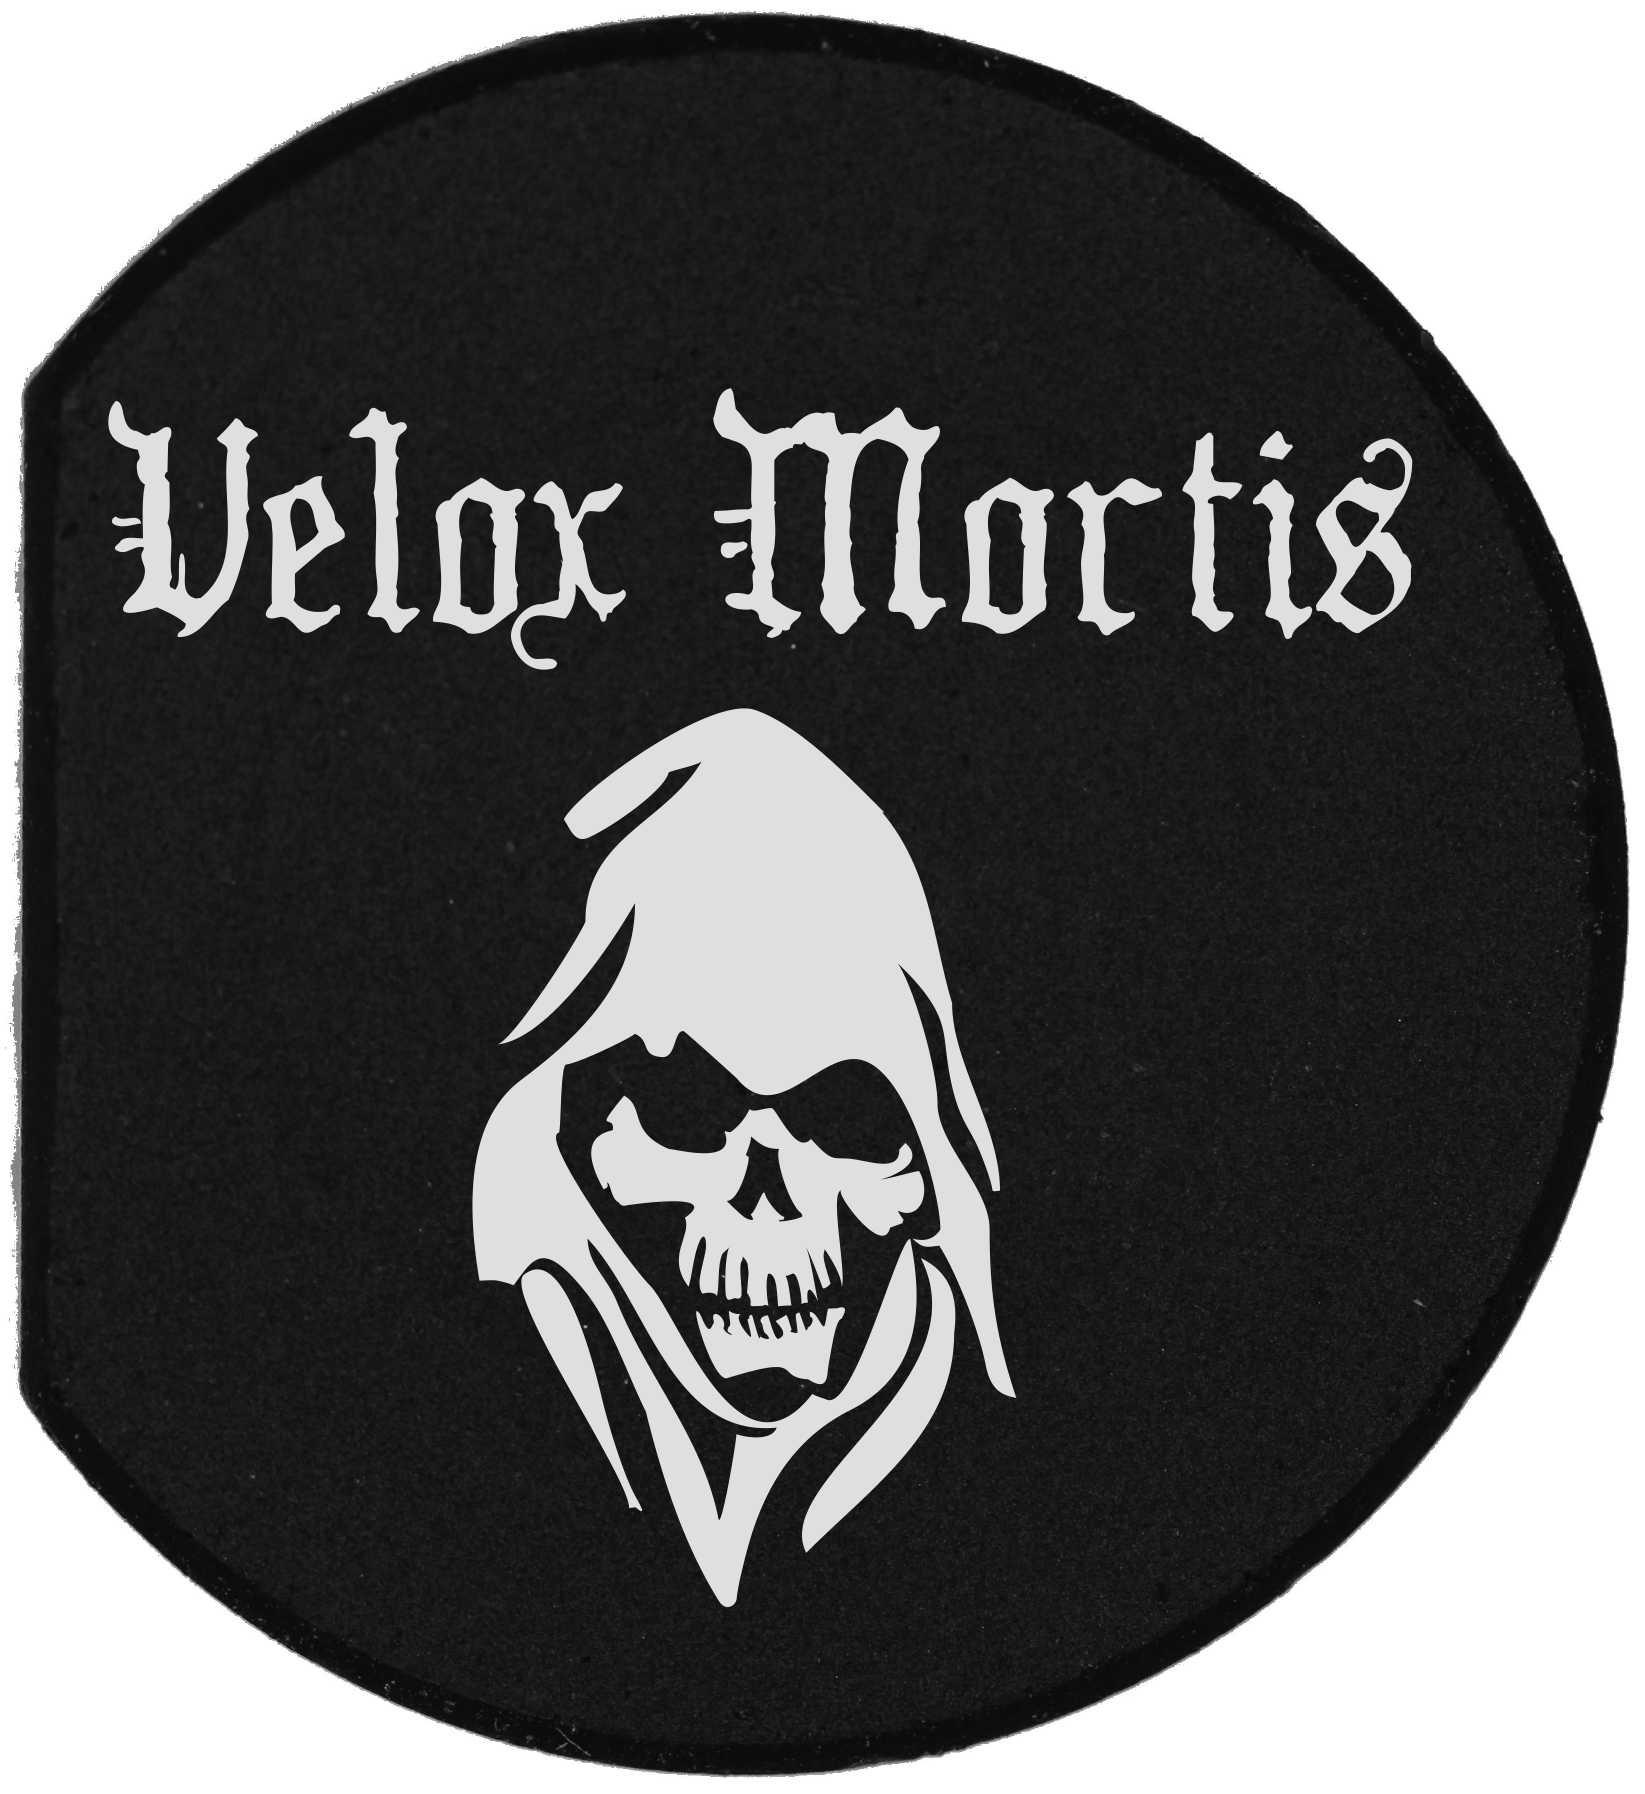 Forward Assist Cap - Velox Mortis